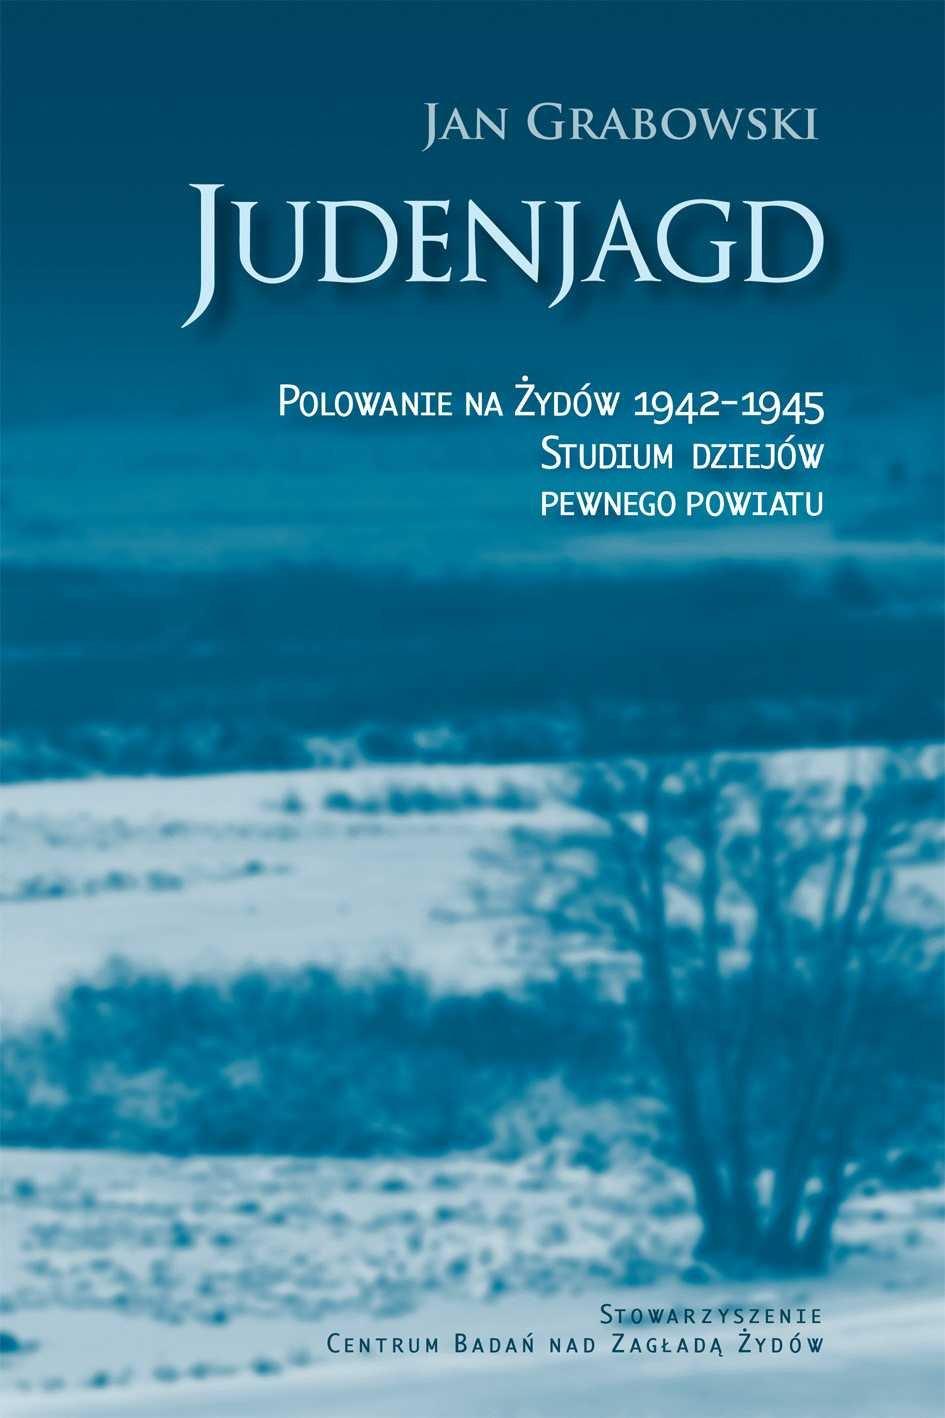 Judenjagd. Polowanie na Żydów 1942-1945. Studium dziejów pewnego powiatu - Ebook (Książka na Kindle) do pobrania w formacie MOBI